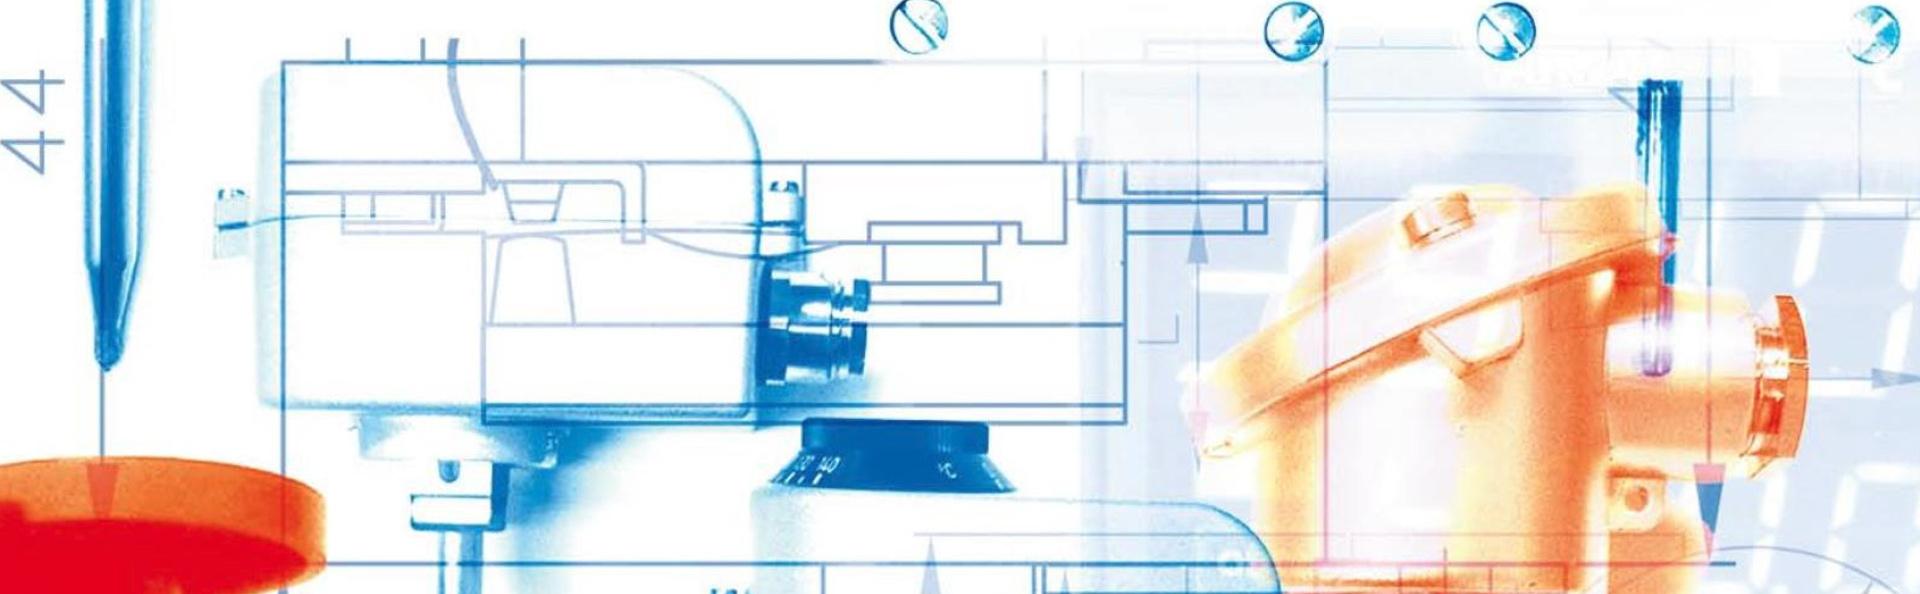 Unsere Produkte: Temperaturfühler, Temperaturregler und Zubehör